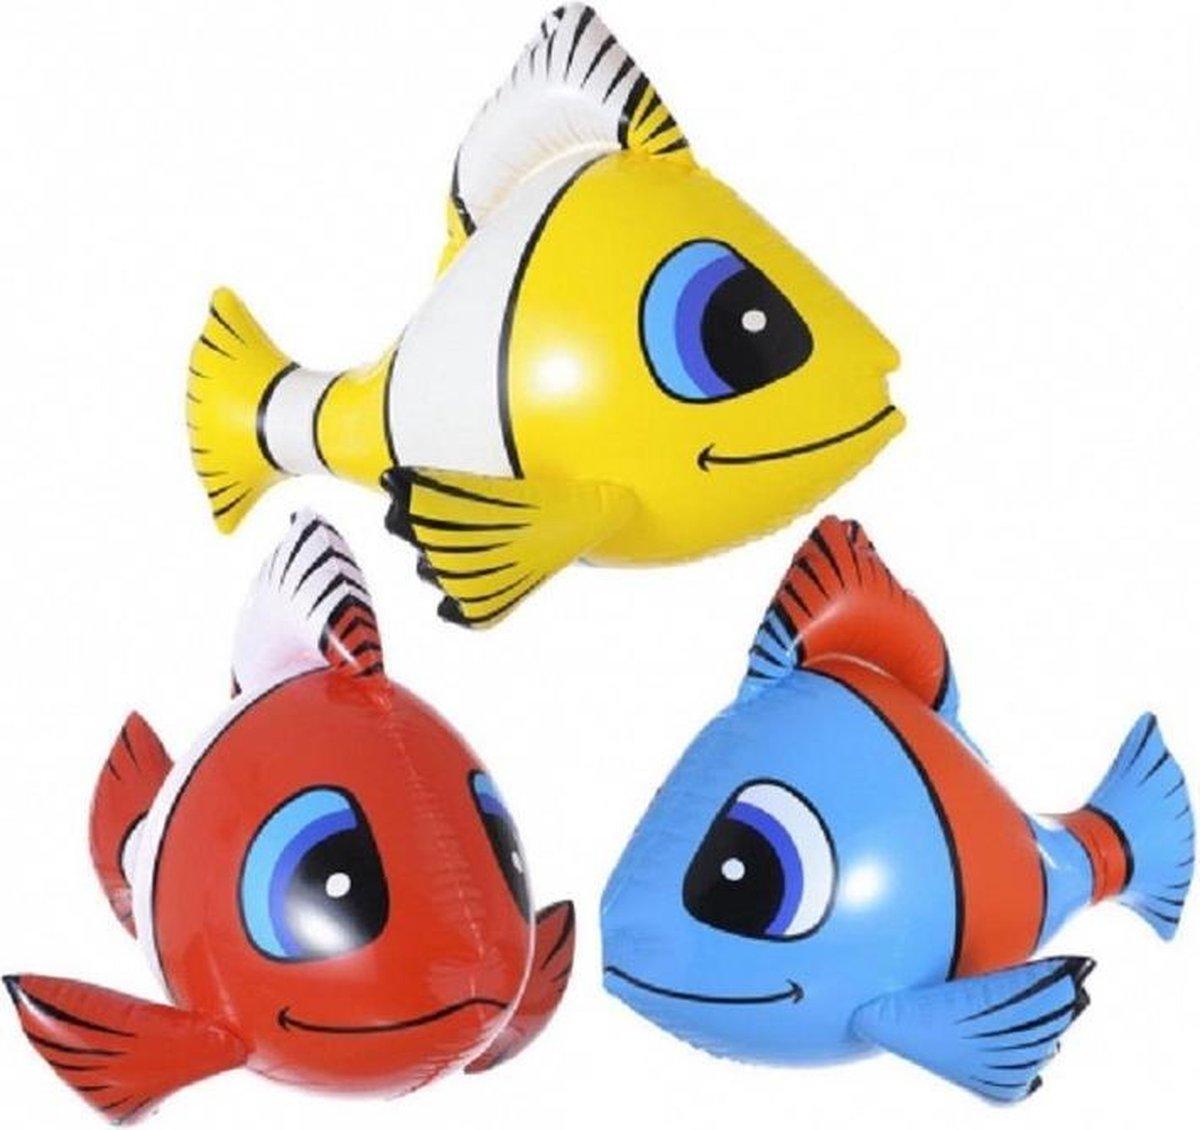 Pakket van 2x stuks opblaasbare tropische vissen van 60 cm - Voor in bad, strand of ter decoratie kopen